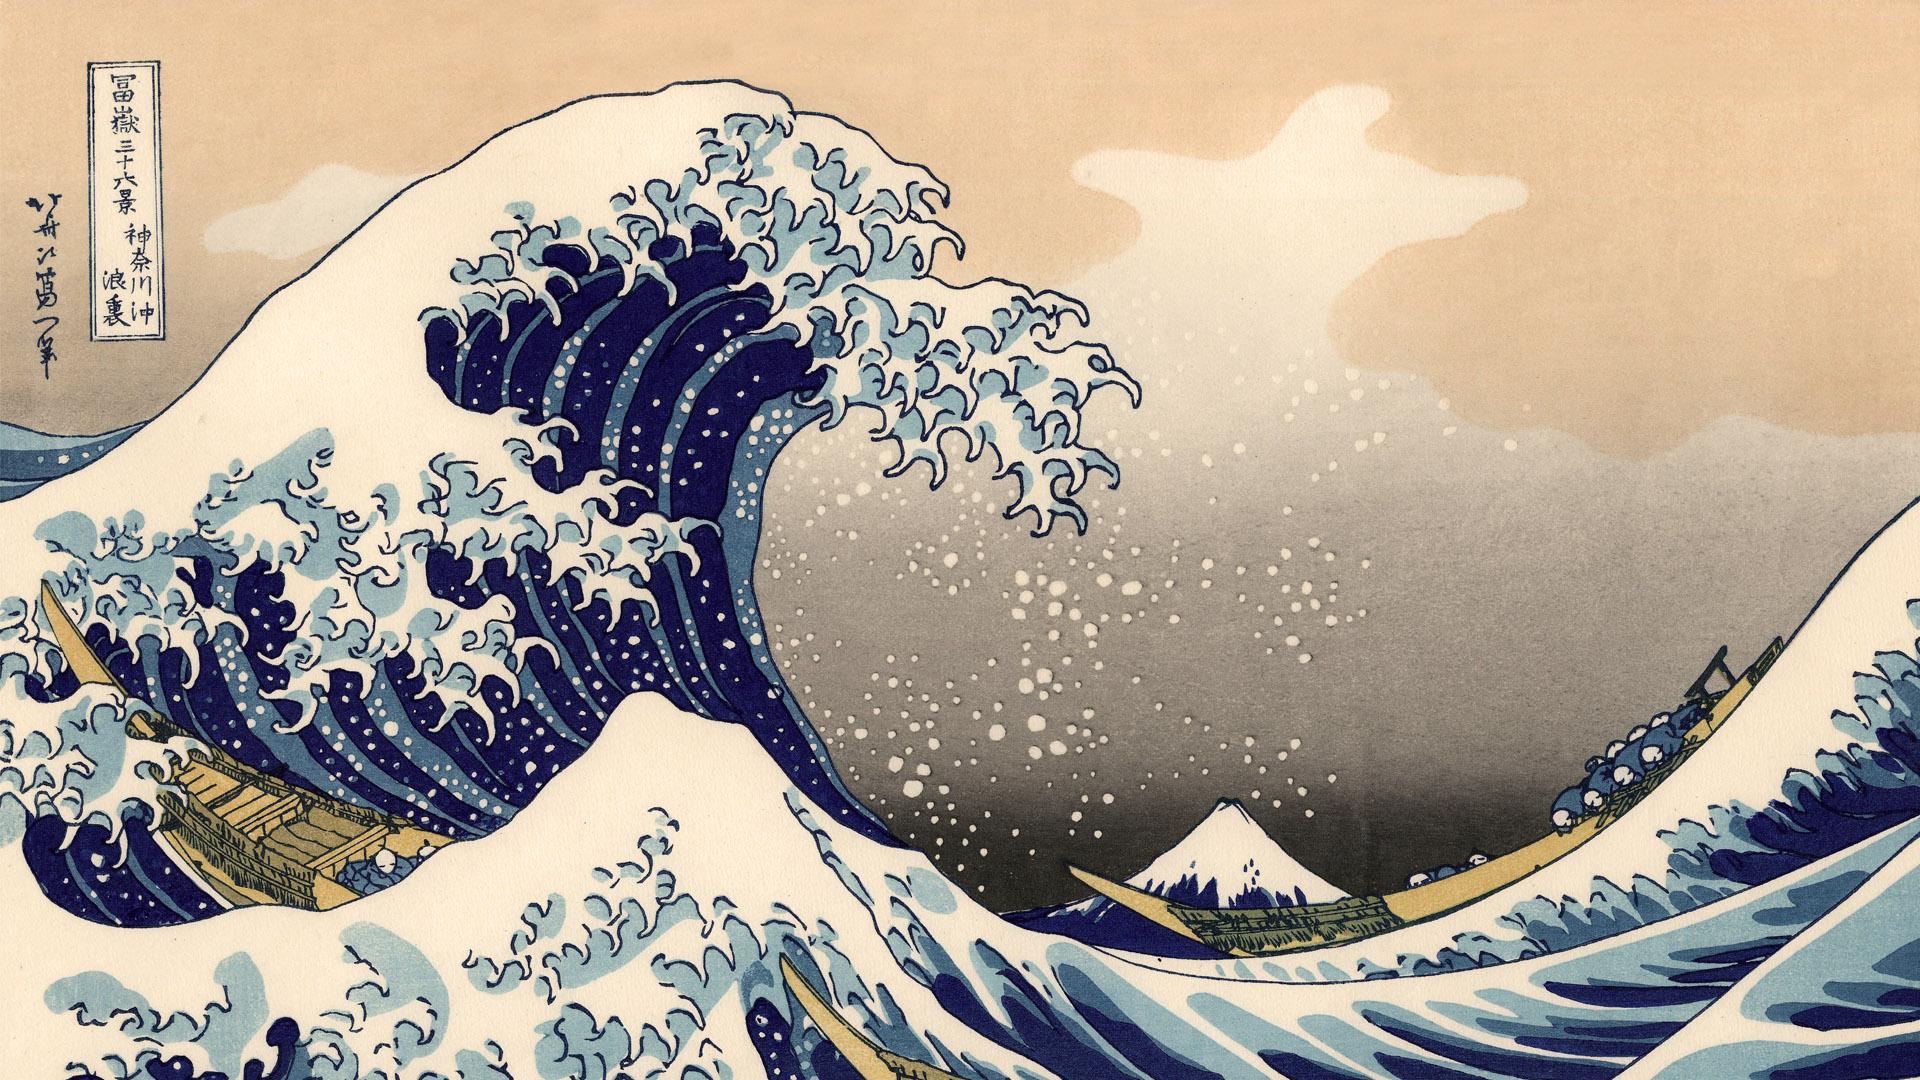 富嶽三十六景 神奈川沖浪裏 Katsushika Hokusai – 36 Kanagawa oki namiura 1920x1080